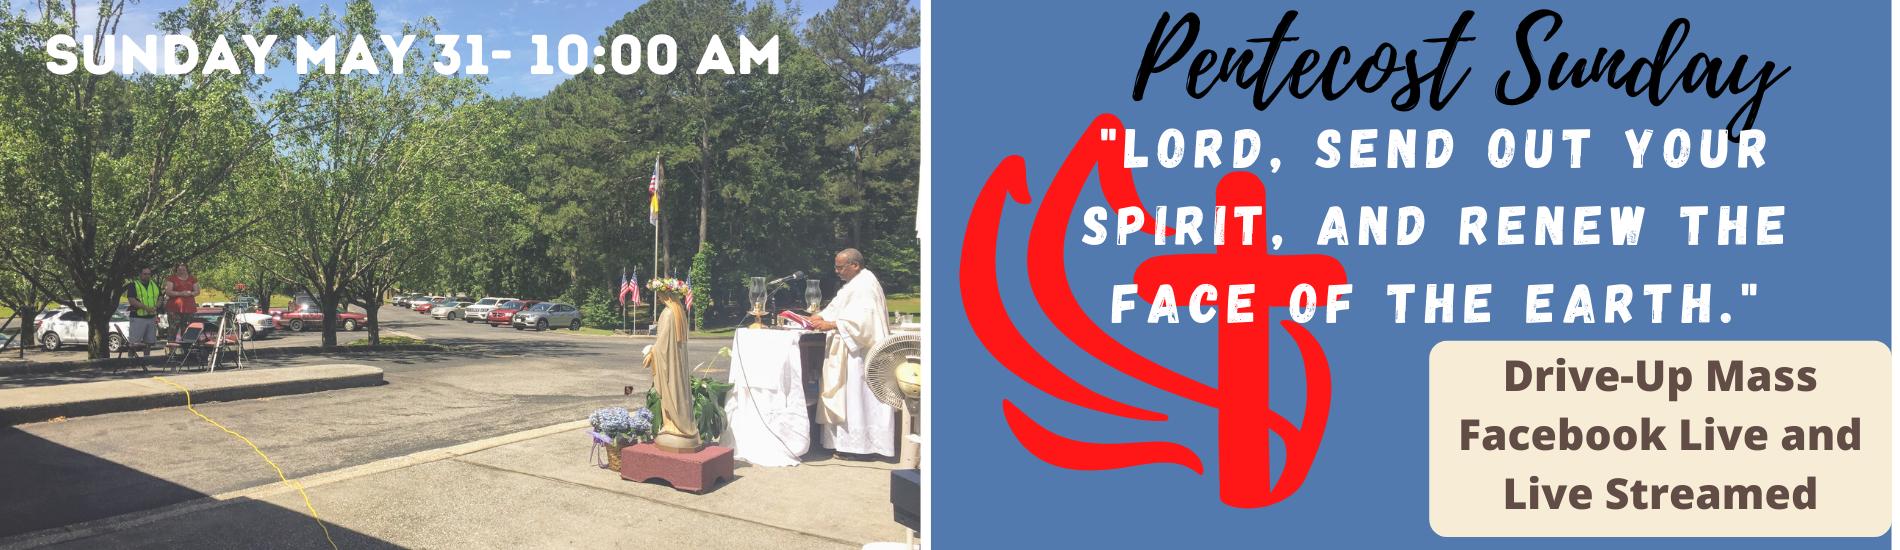 Pentecost Sunday Drive-up Mass